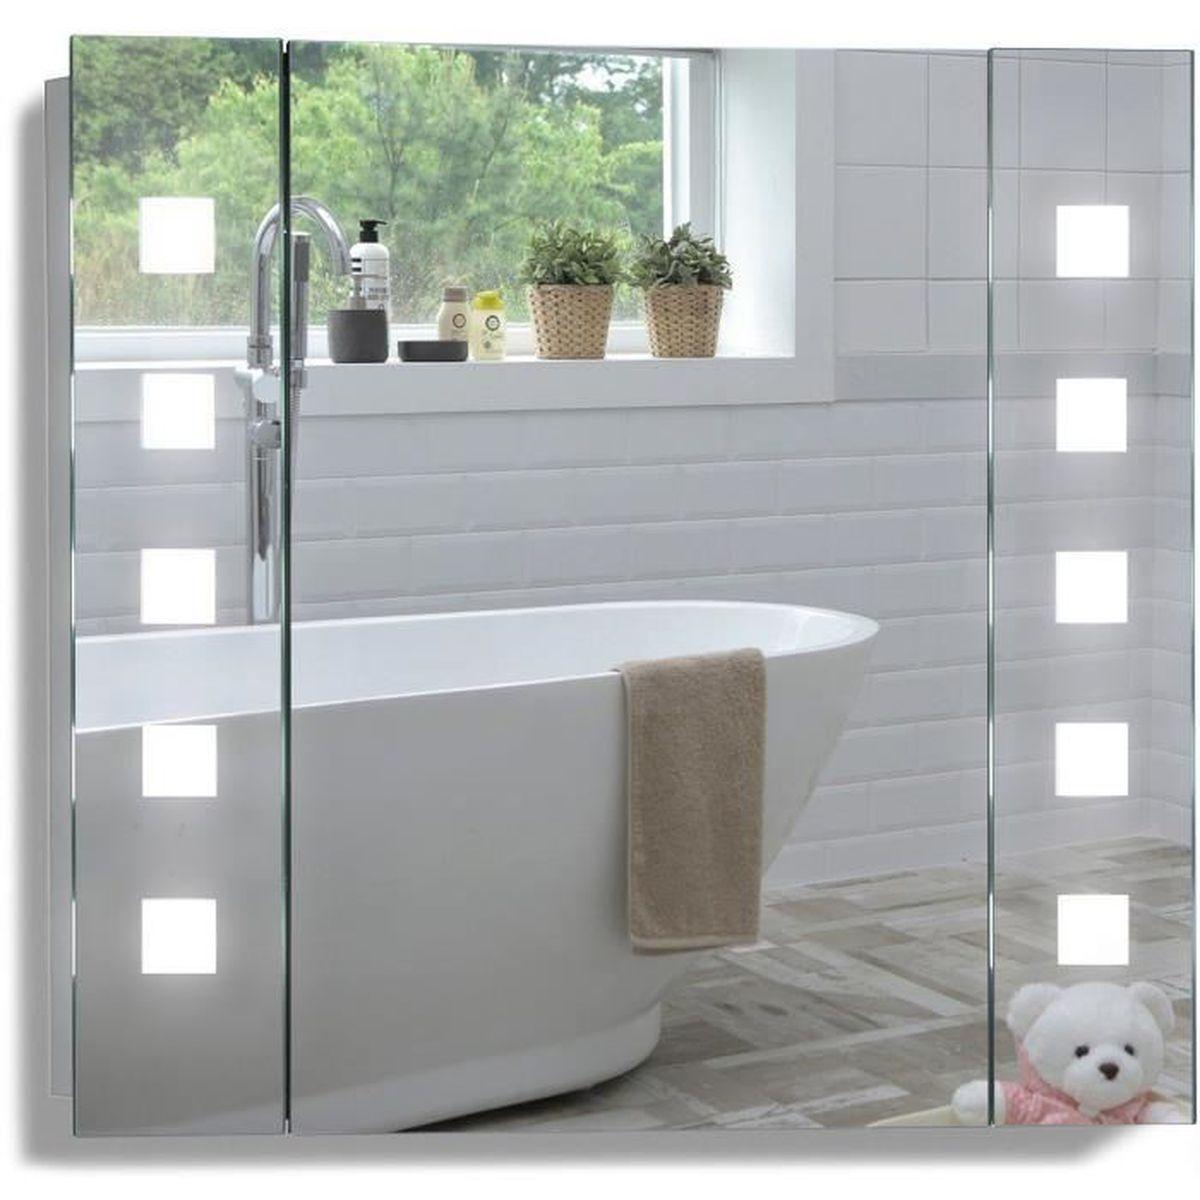 Meuble Haut Salle De Bain Avec Miroir armoire lumineuse salle de bain